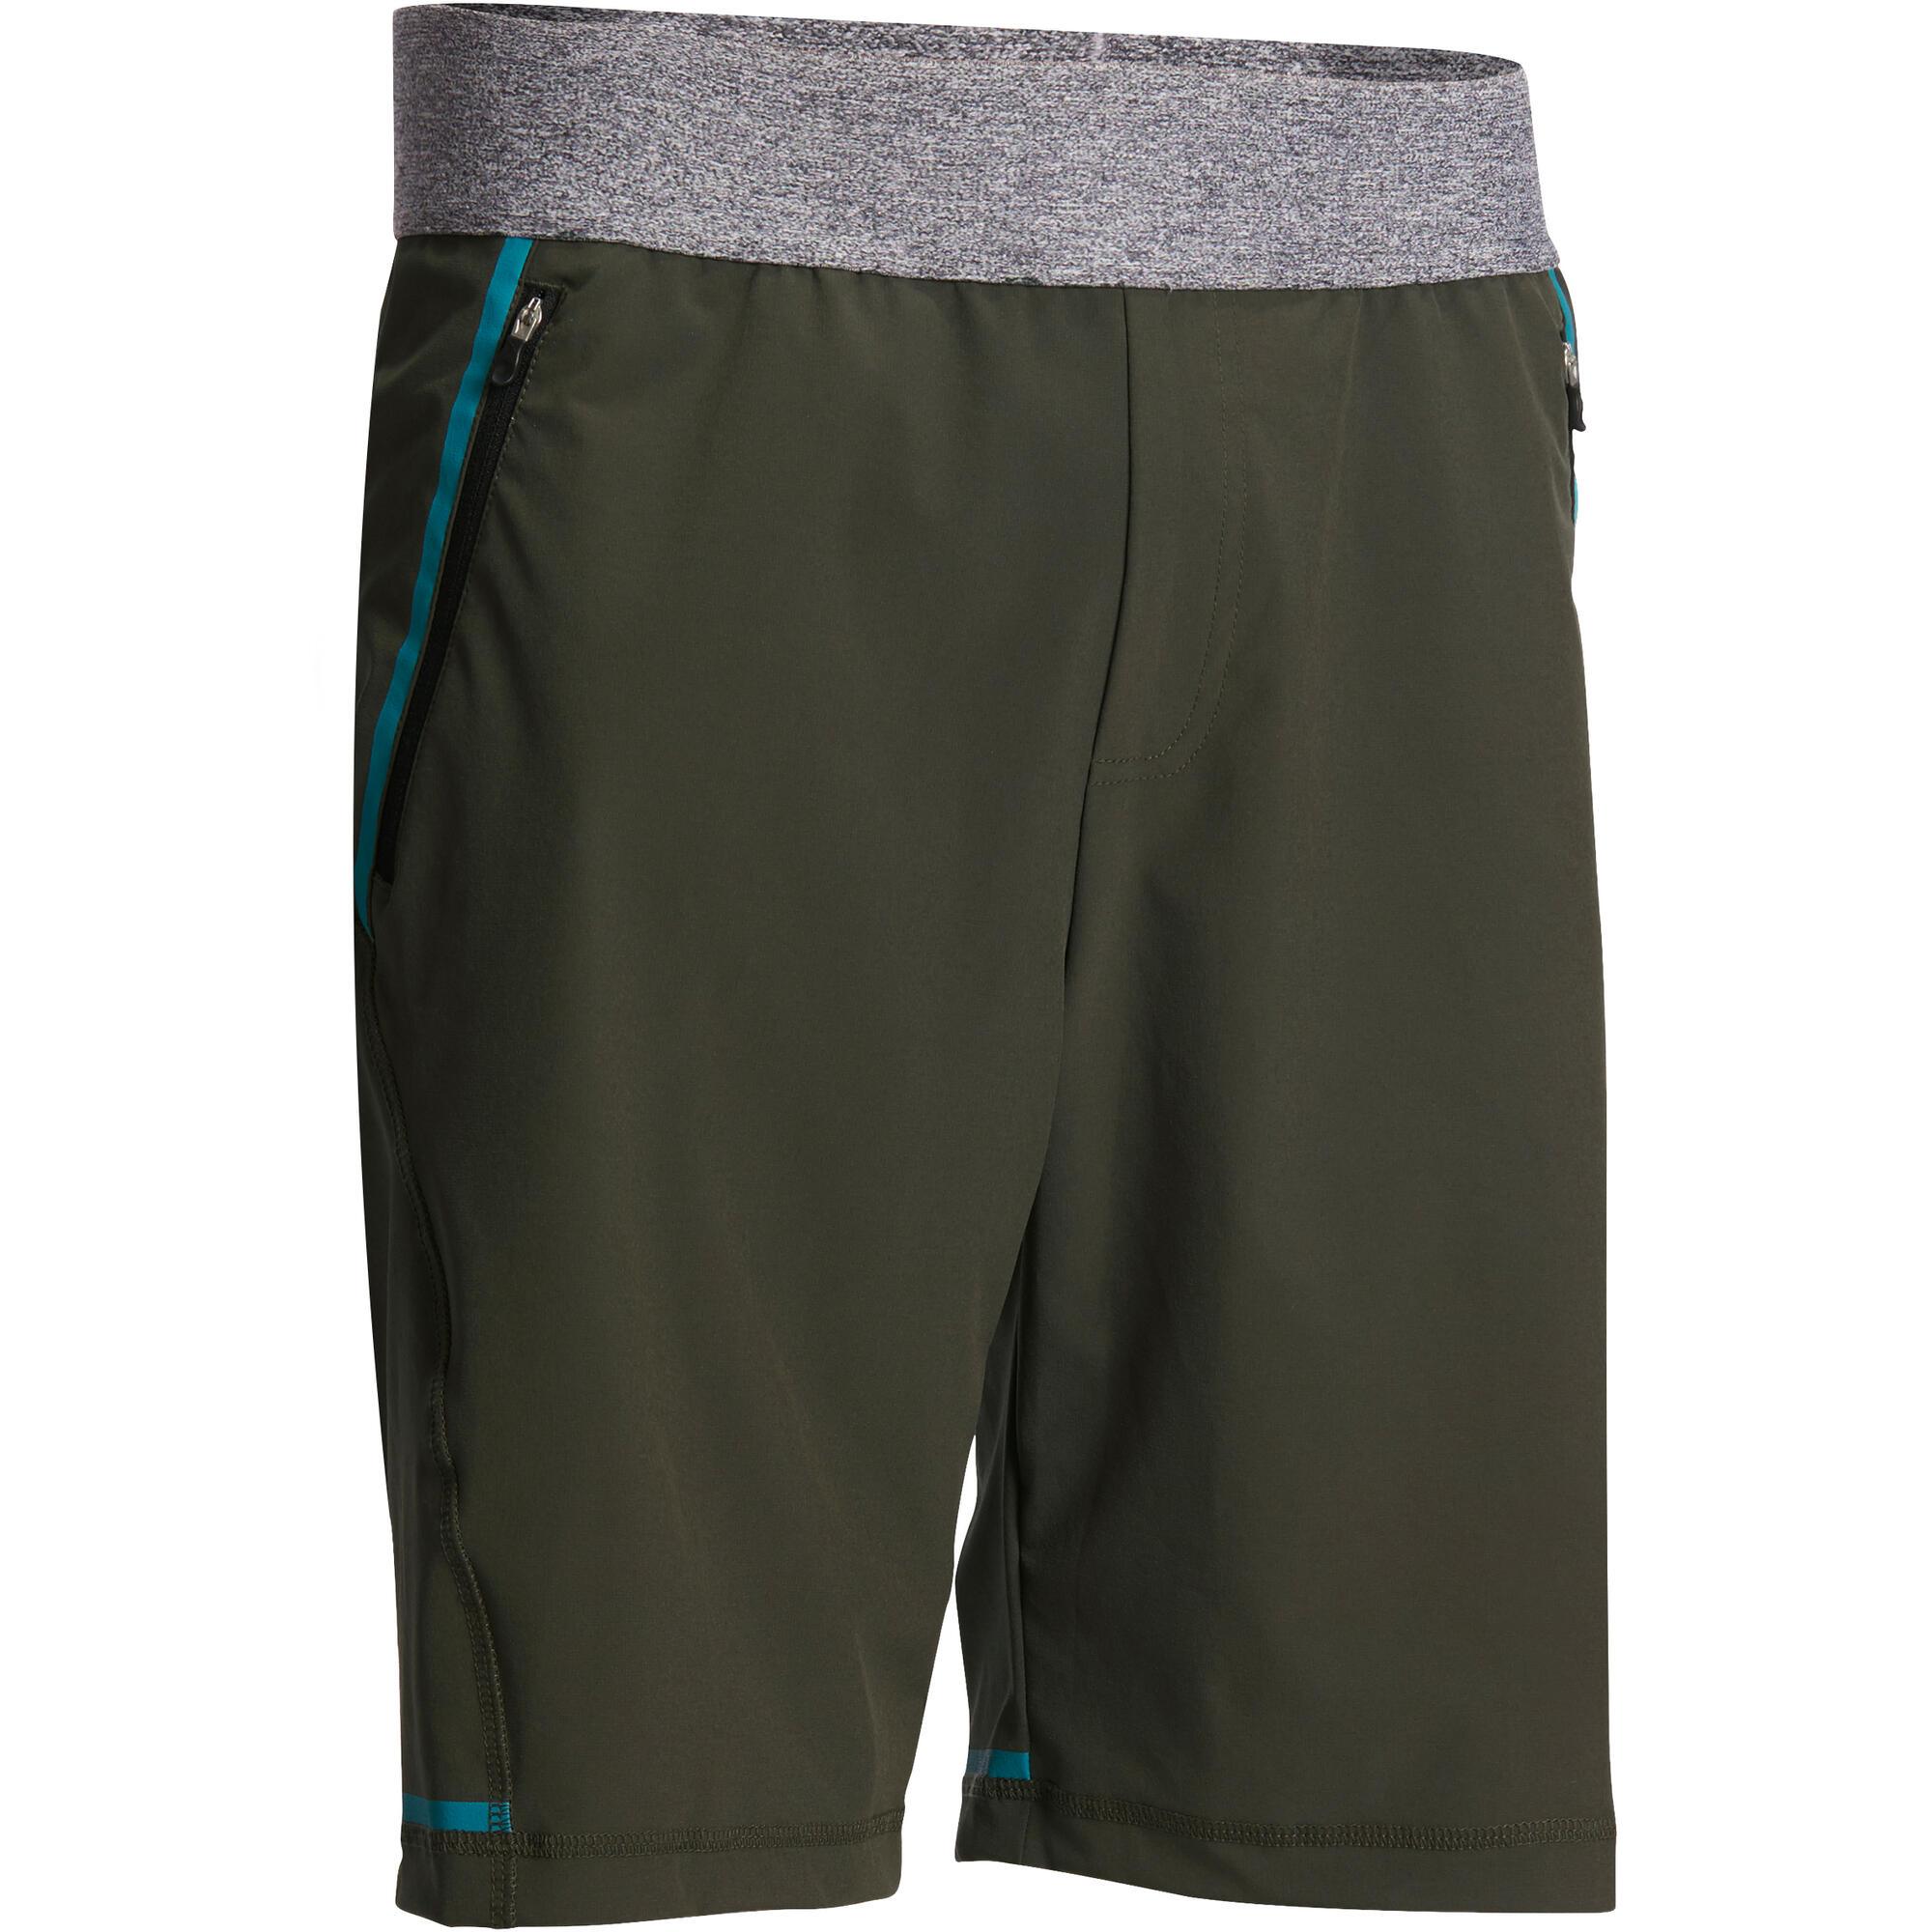 Yoga+ 900 Woven Shorts - Khaki